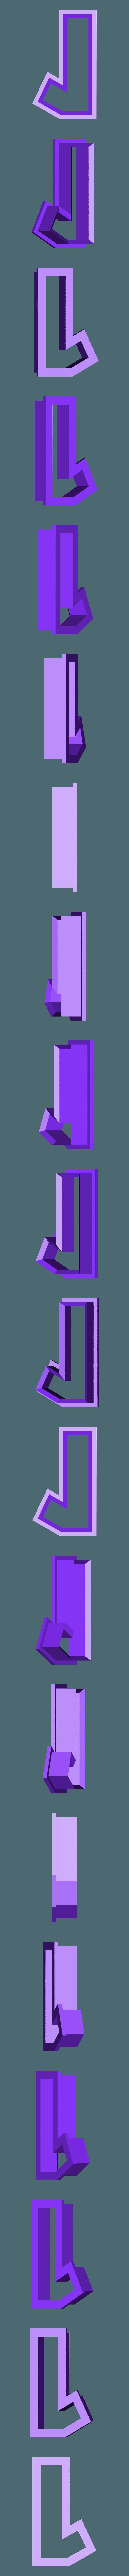 One-v2.stl Télécharger fichier STL gratuit Numéros de Play-Doh/Cookie Cutters • Plan imprimable en 3D, RT3DWorkshop